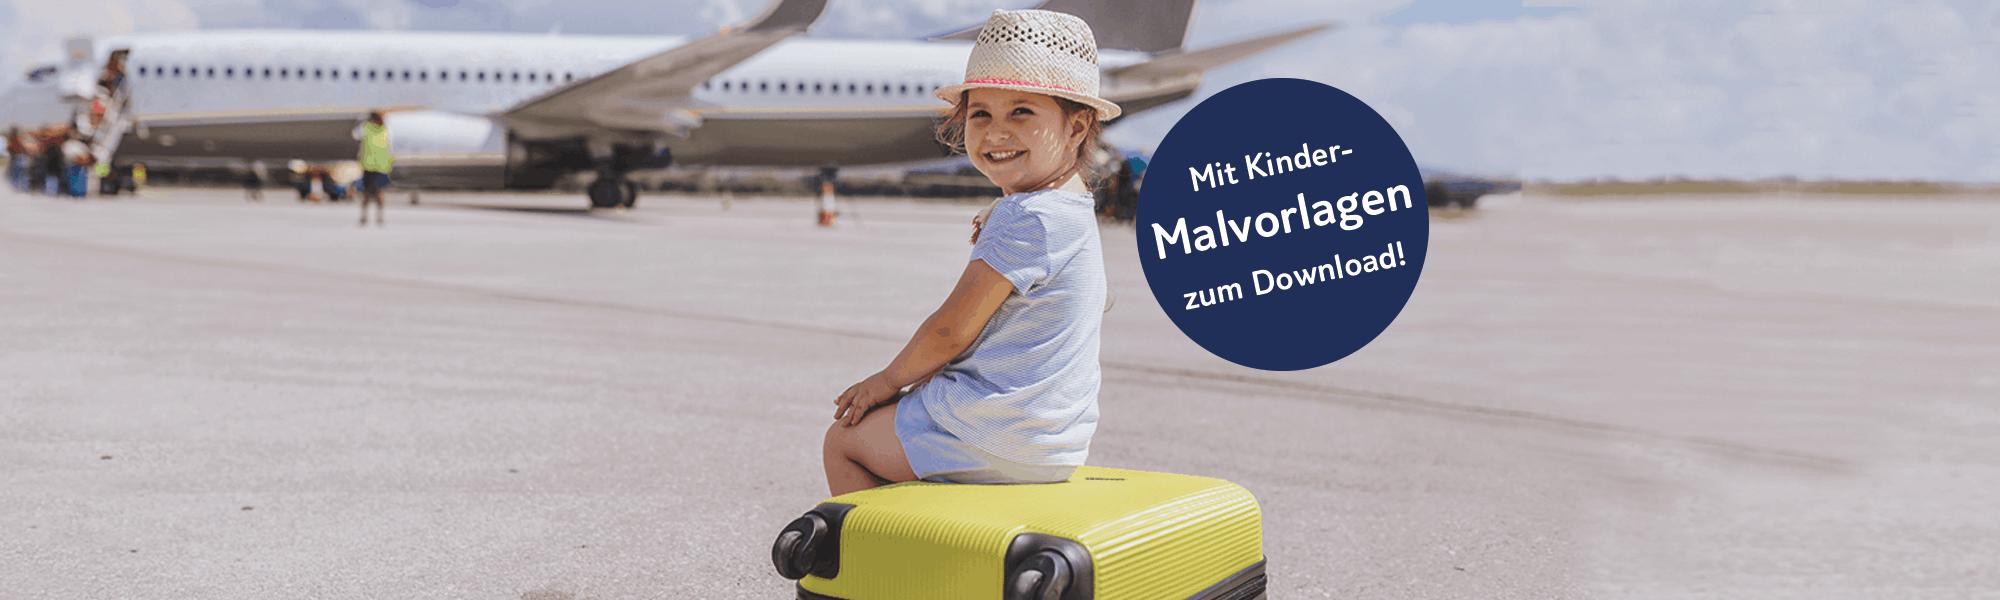 Fliegen mit Kindern – Die besten Reisespiele für unterwegs